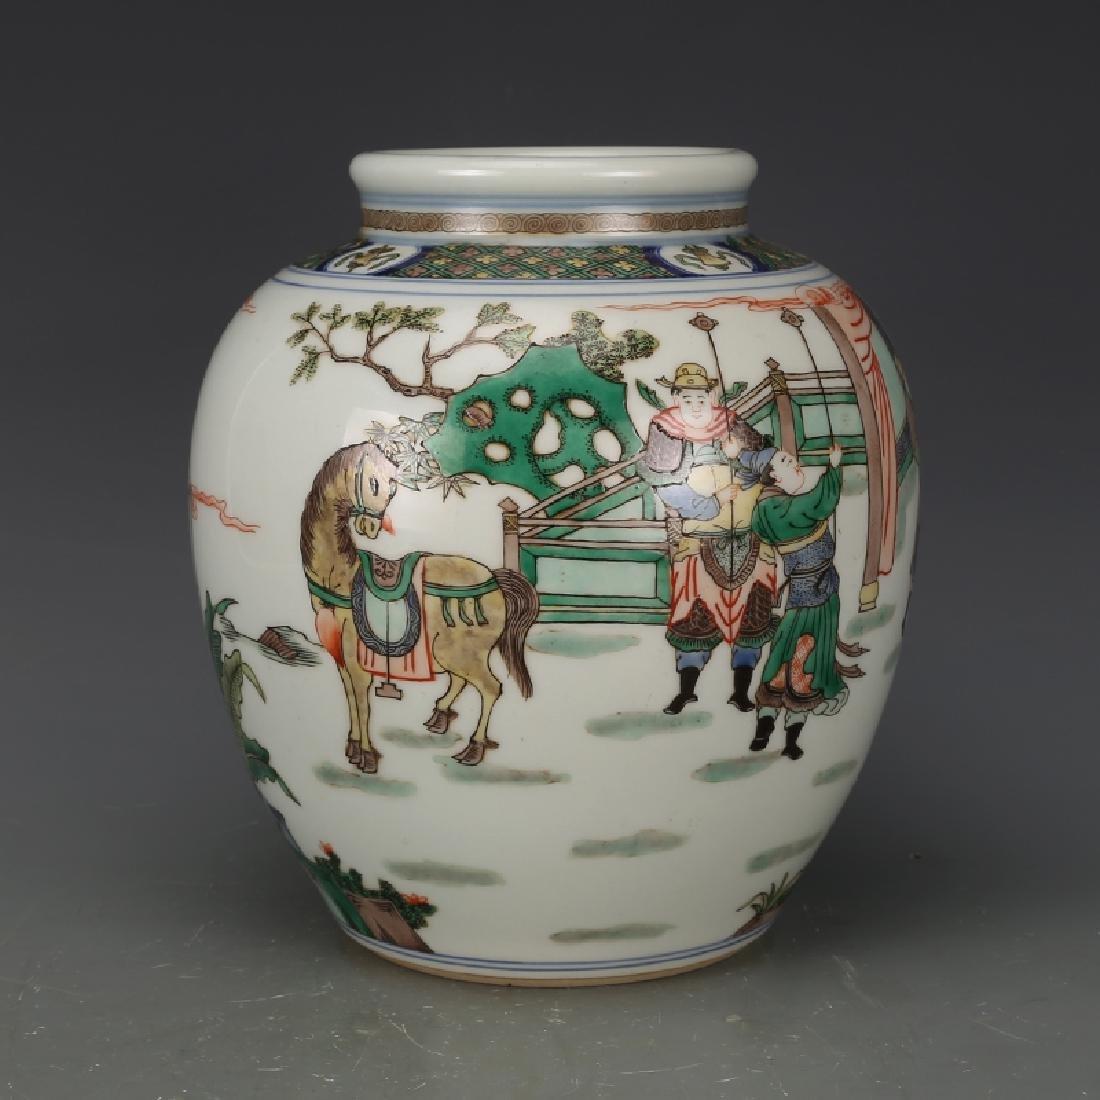 Chinese Wucai Porcelain Ginger Jar - 3